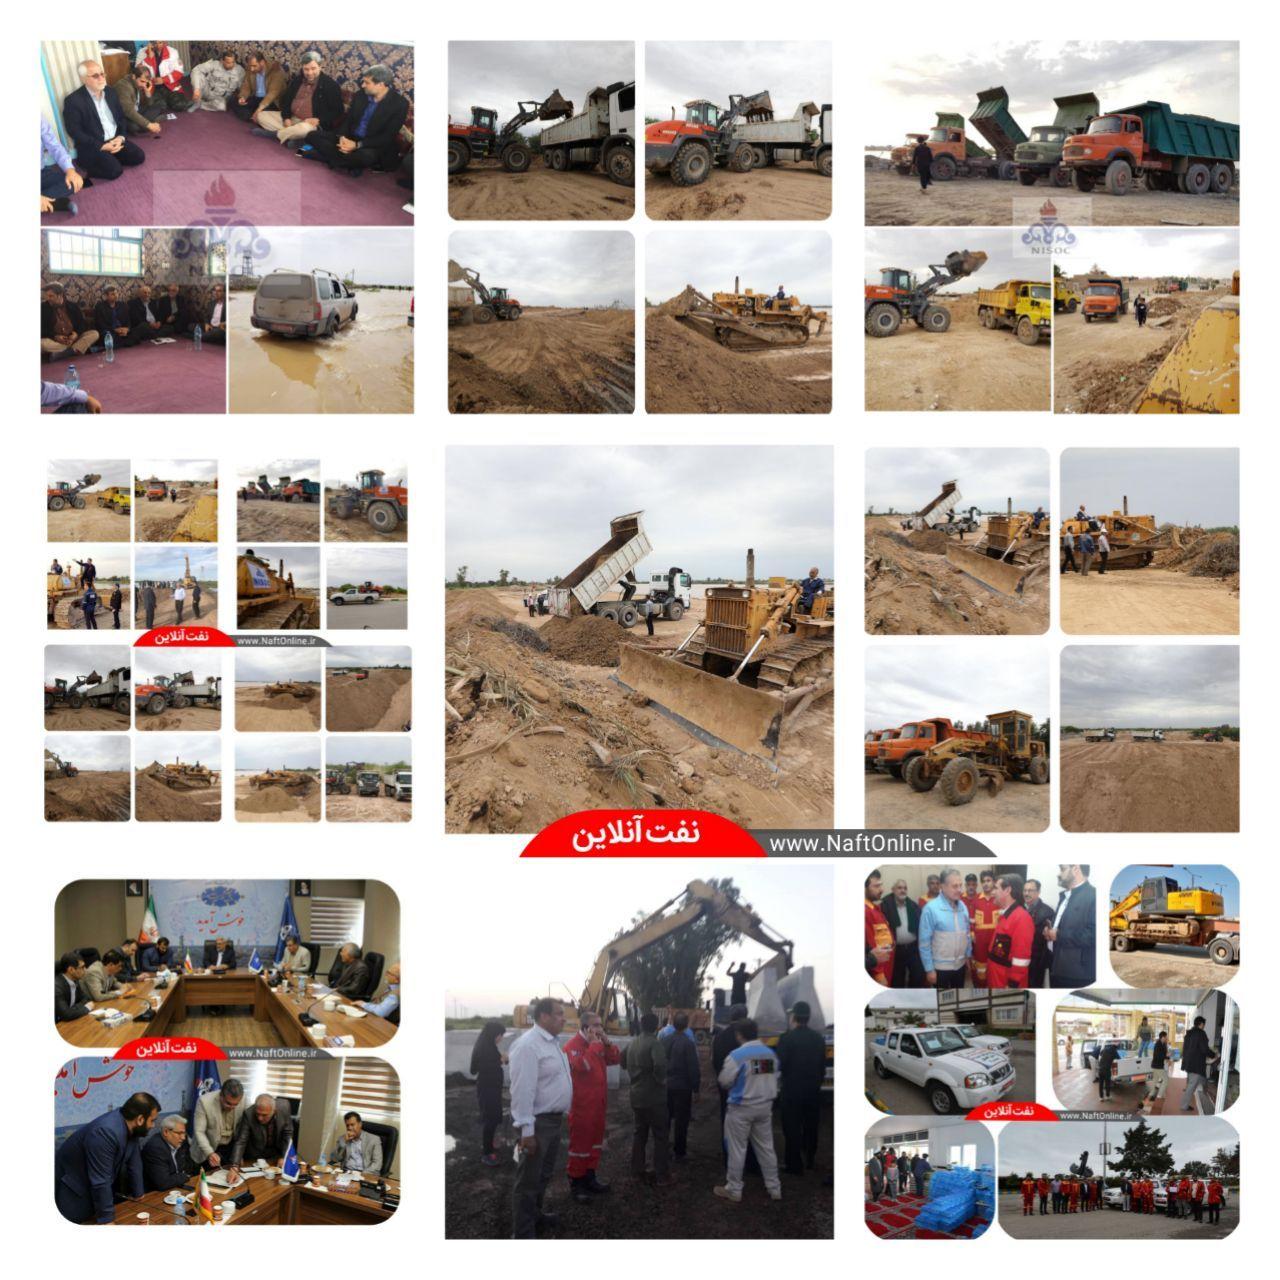 آخرین اخبار از کمکهای نفتیها به سیل زدگان سراسر کشور